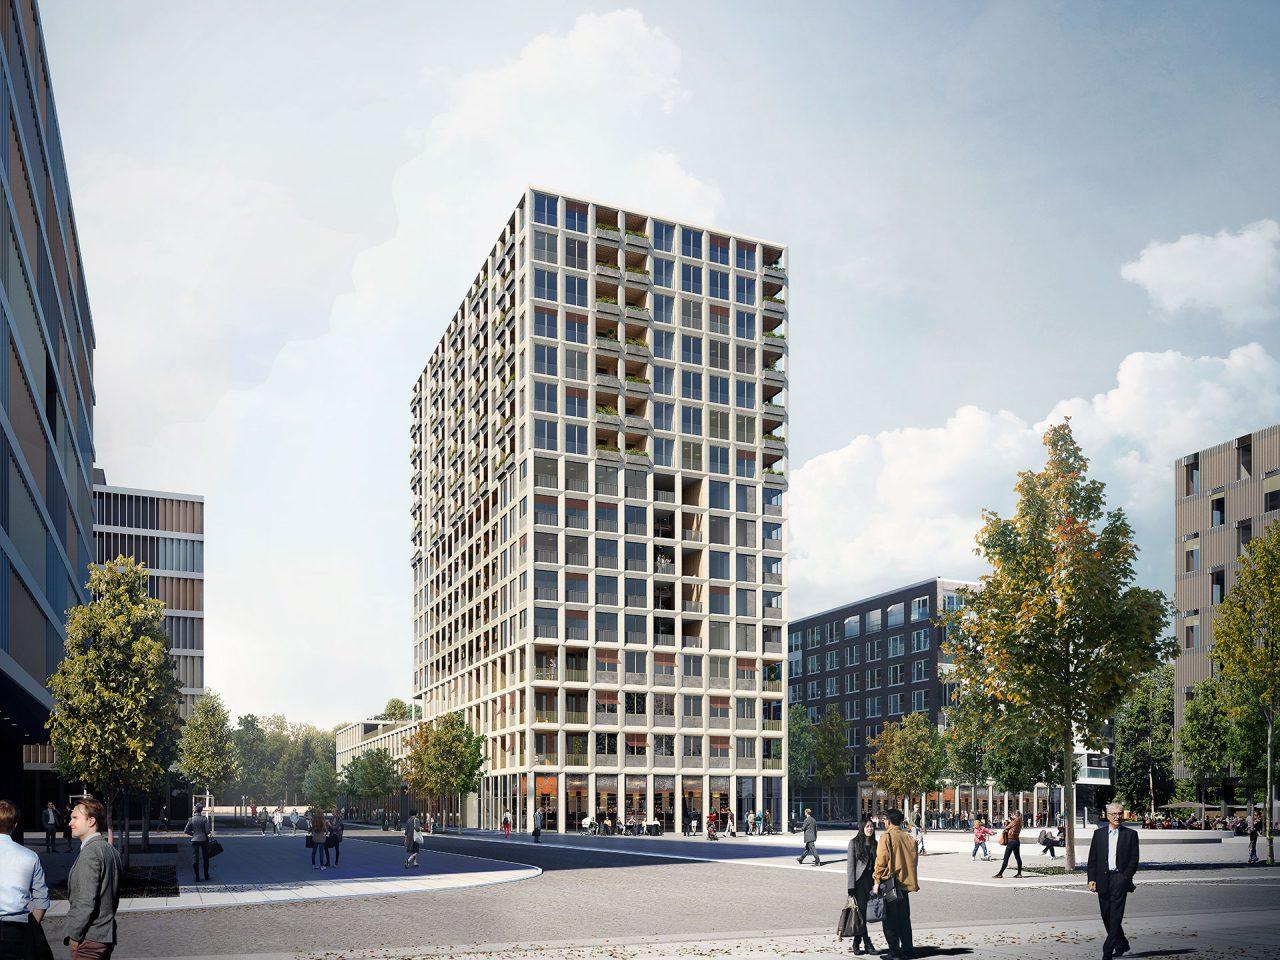 Neues Quartier für Bern, Wankdorf City